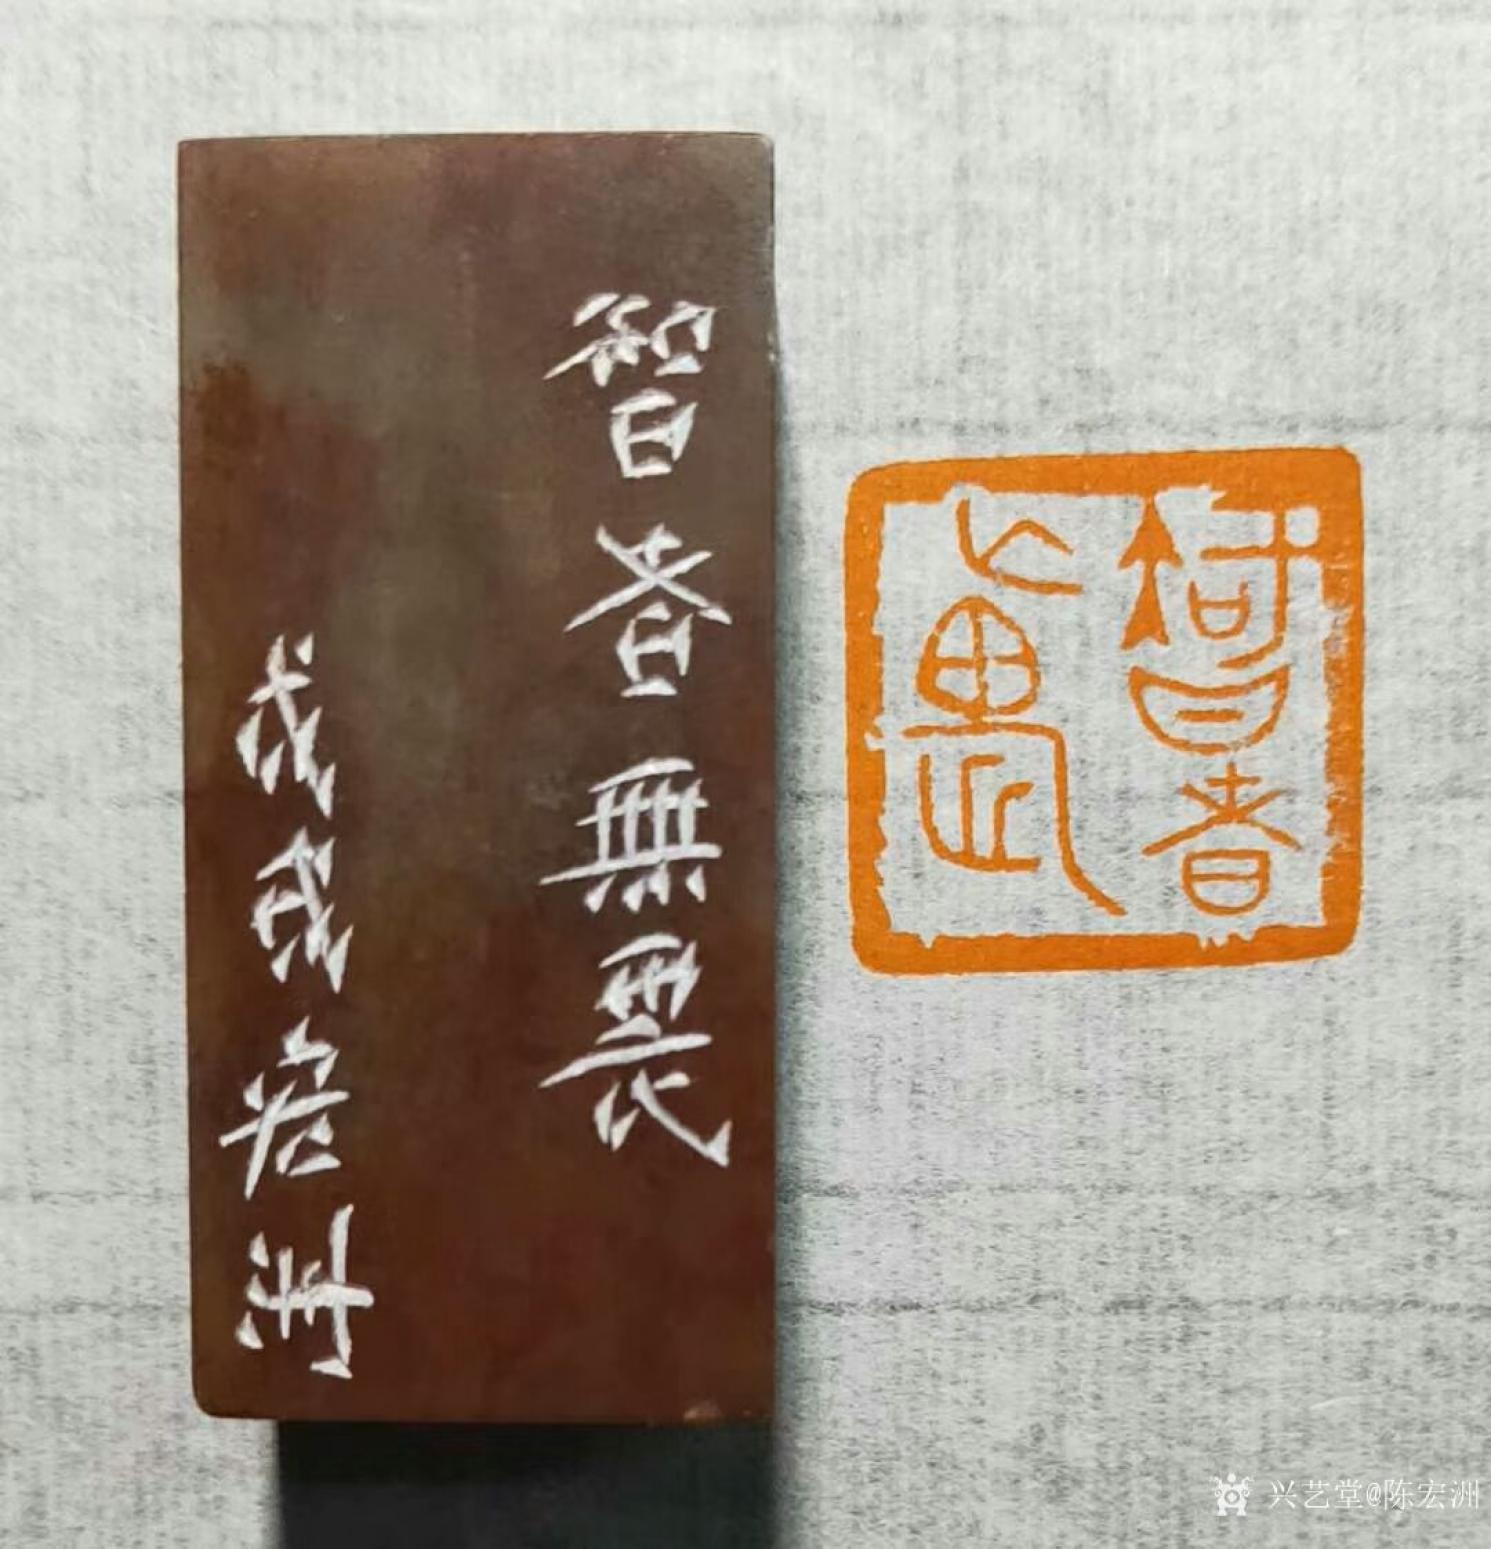 陈宏洲雕刻作品《智者无畏》【图1】